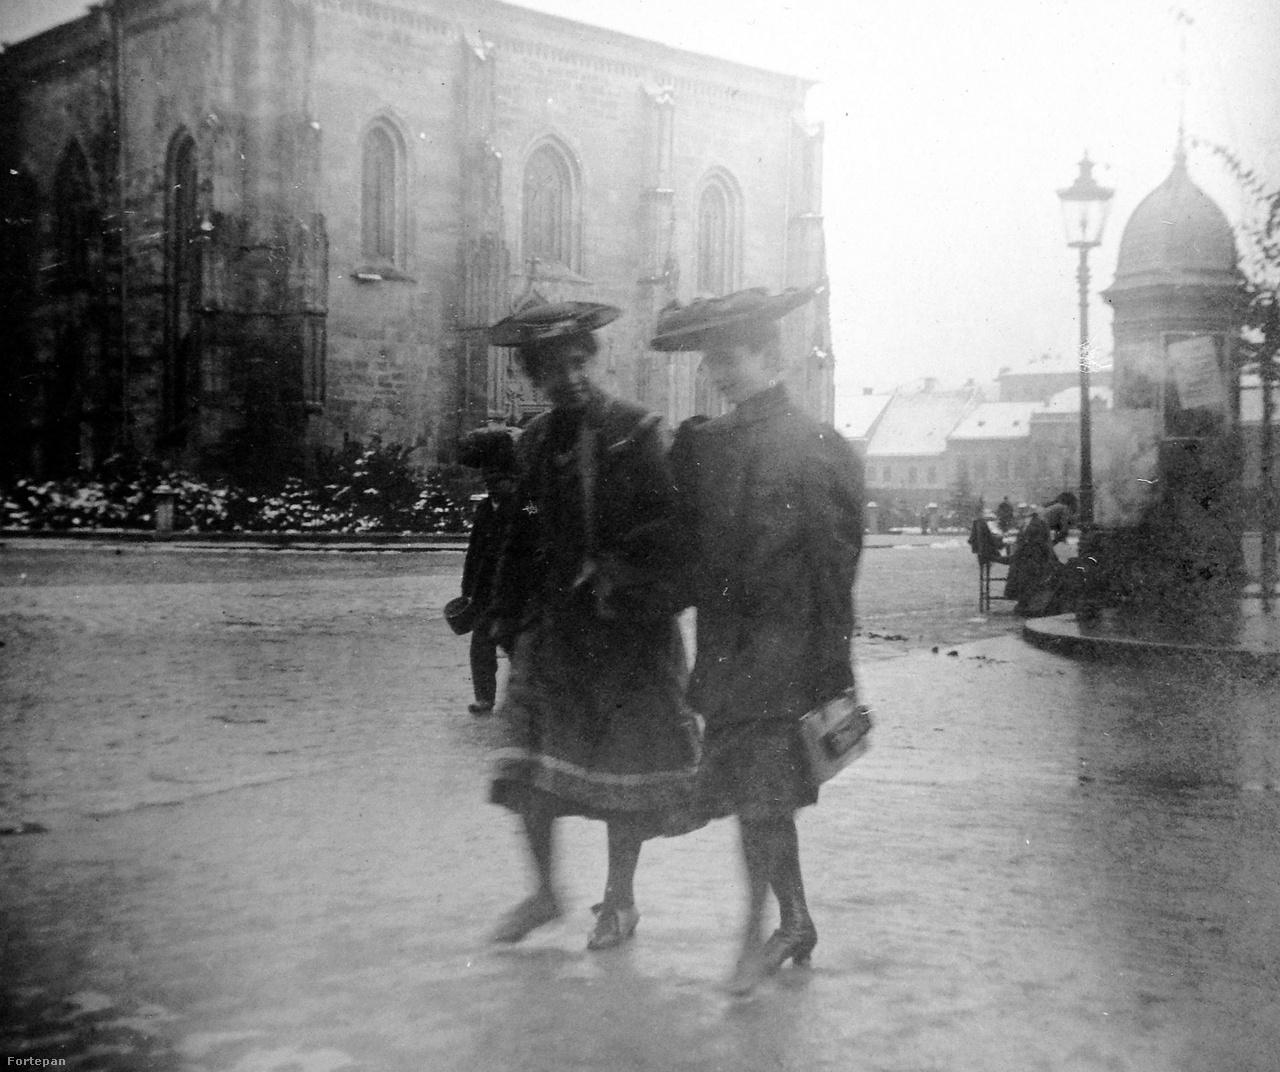 A sorozat alkotója kitartóan tanulmányozta Kolozsvár főterén az utca emberét. Fényképezőgépével jelen volt télen, nyáron, sőt esőben is. Ki gondolná, hogy a kalap ennyire praktikus esőben, elég csak összevetni a háttérben levő, fejét táskájával védő embert azzal a két lánnyal, akik az eső ellenére vidáman és ráérősen suhannak át az úton.